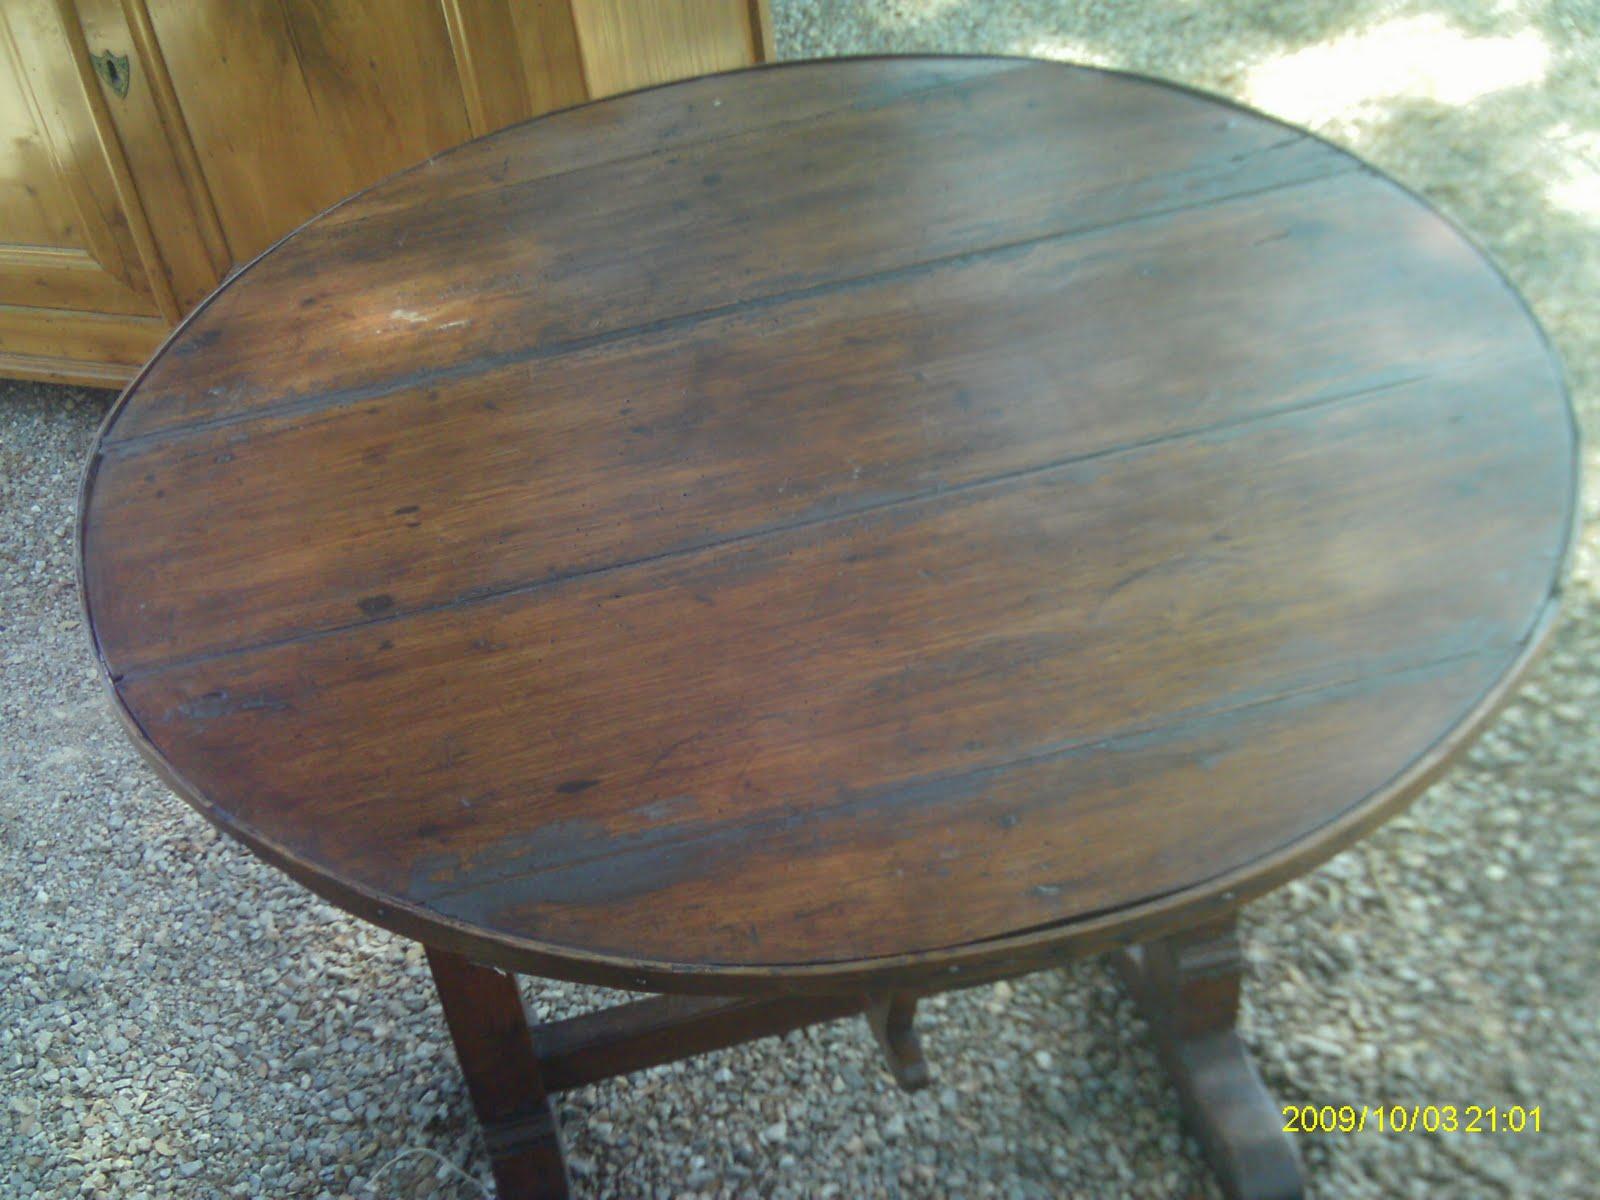 authentique petite table de vigneron ancien oenologie pliante rustique i. Black Bedroom Furniture Sets. Home Design Ideas